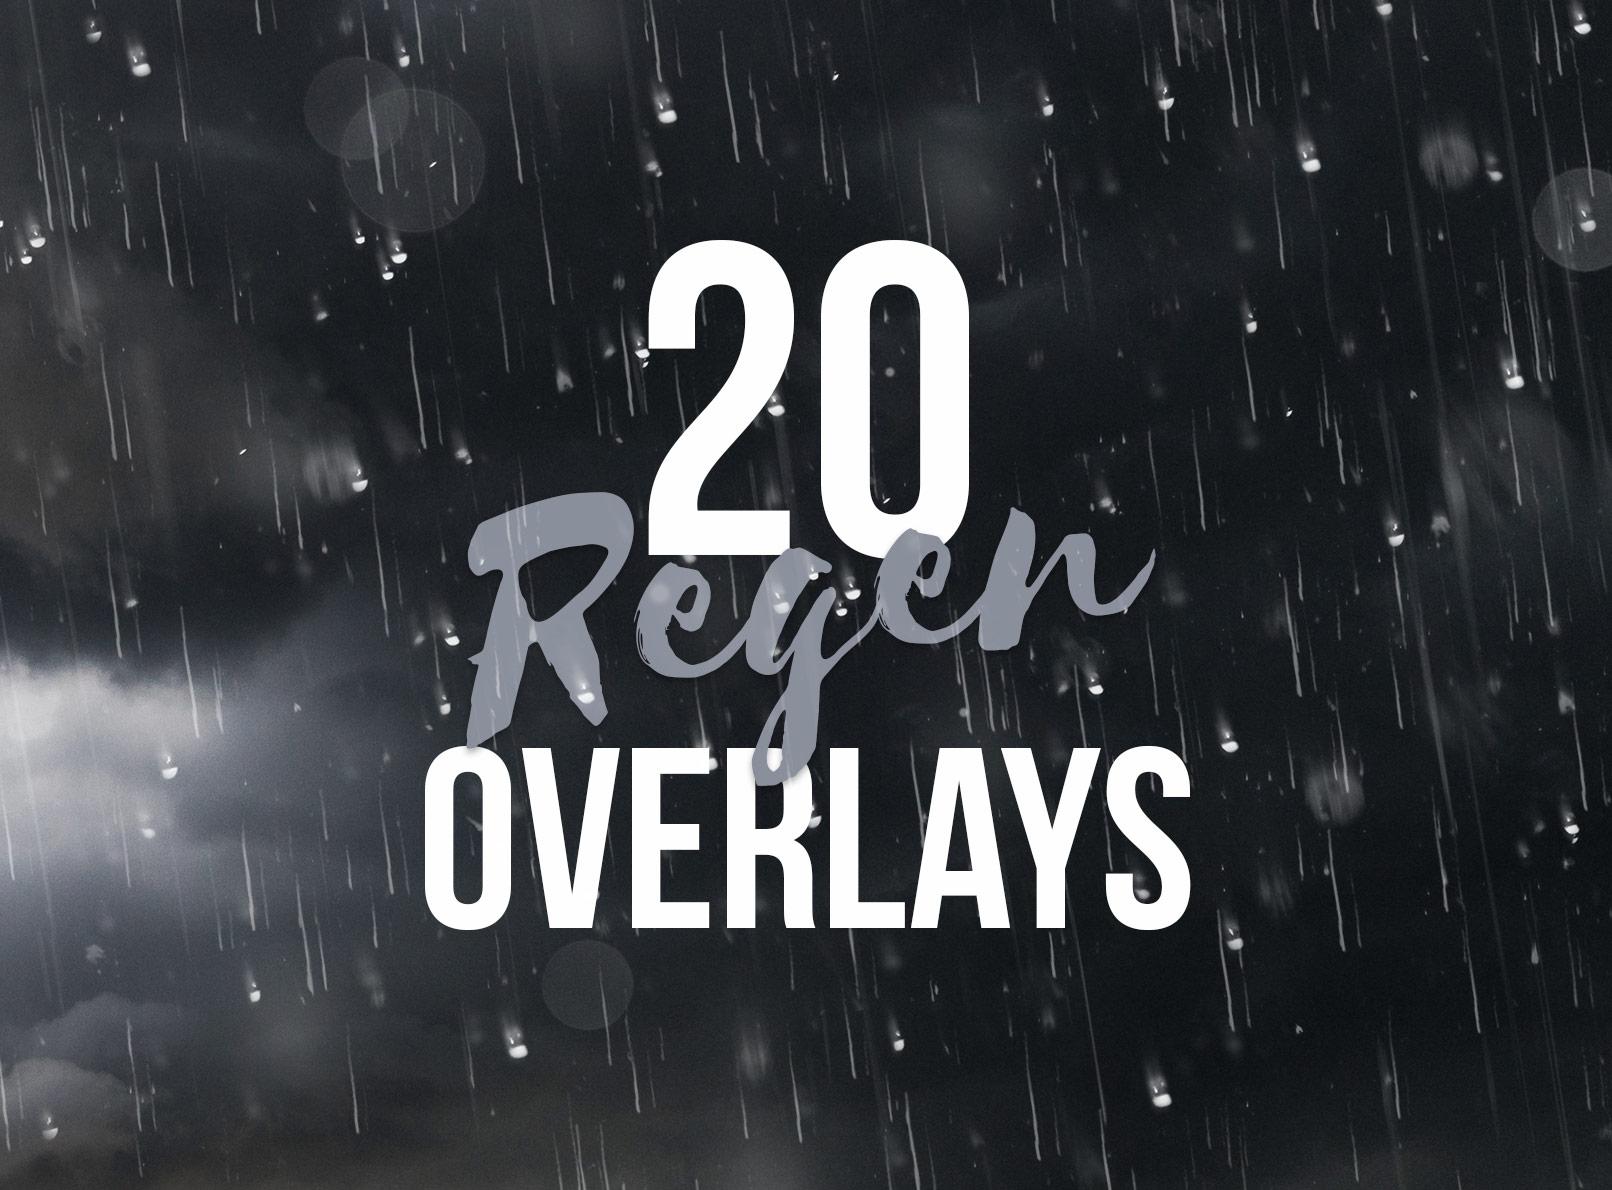 Beispiel für die Regen-Bilder und -Overlays mit Tropfen als lange Fäden